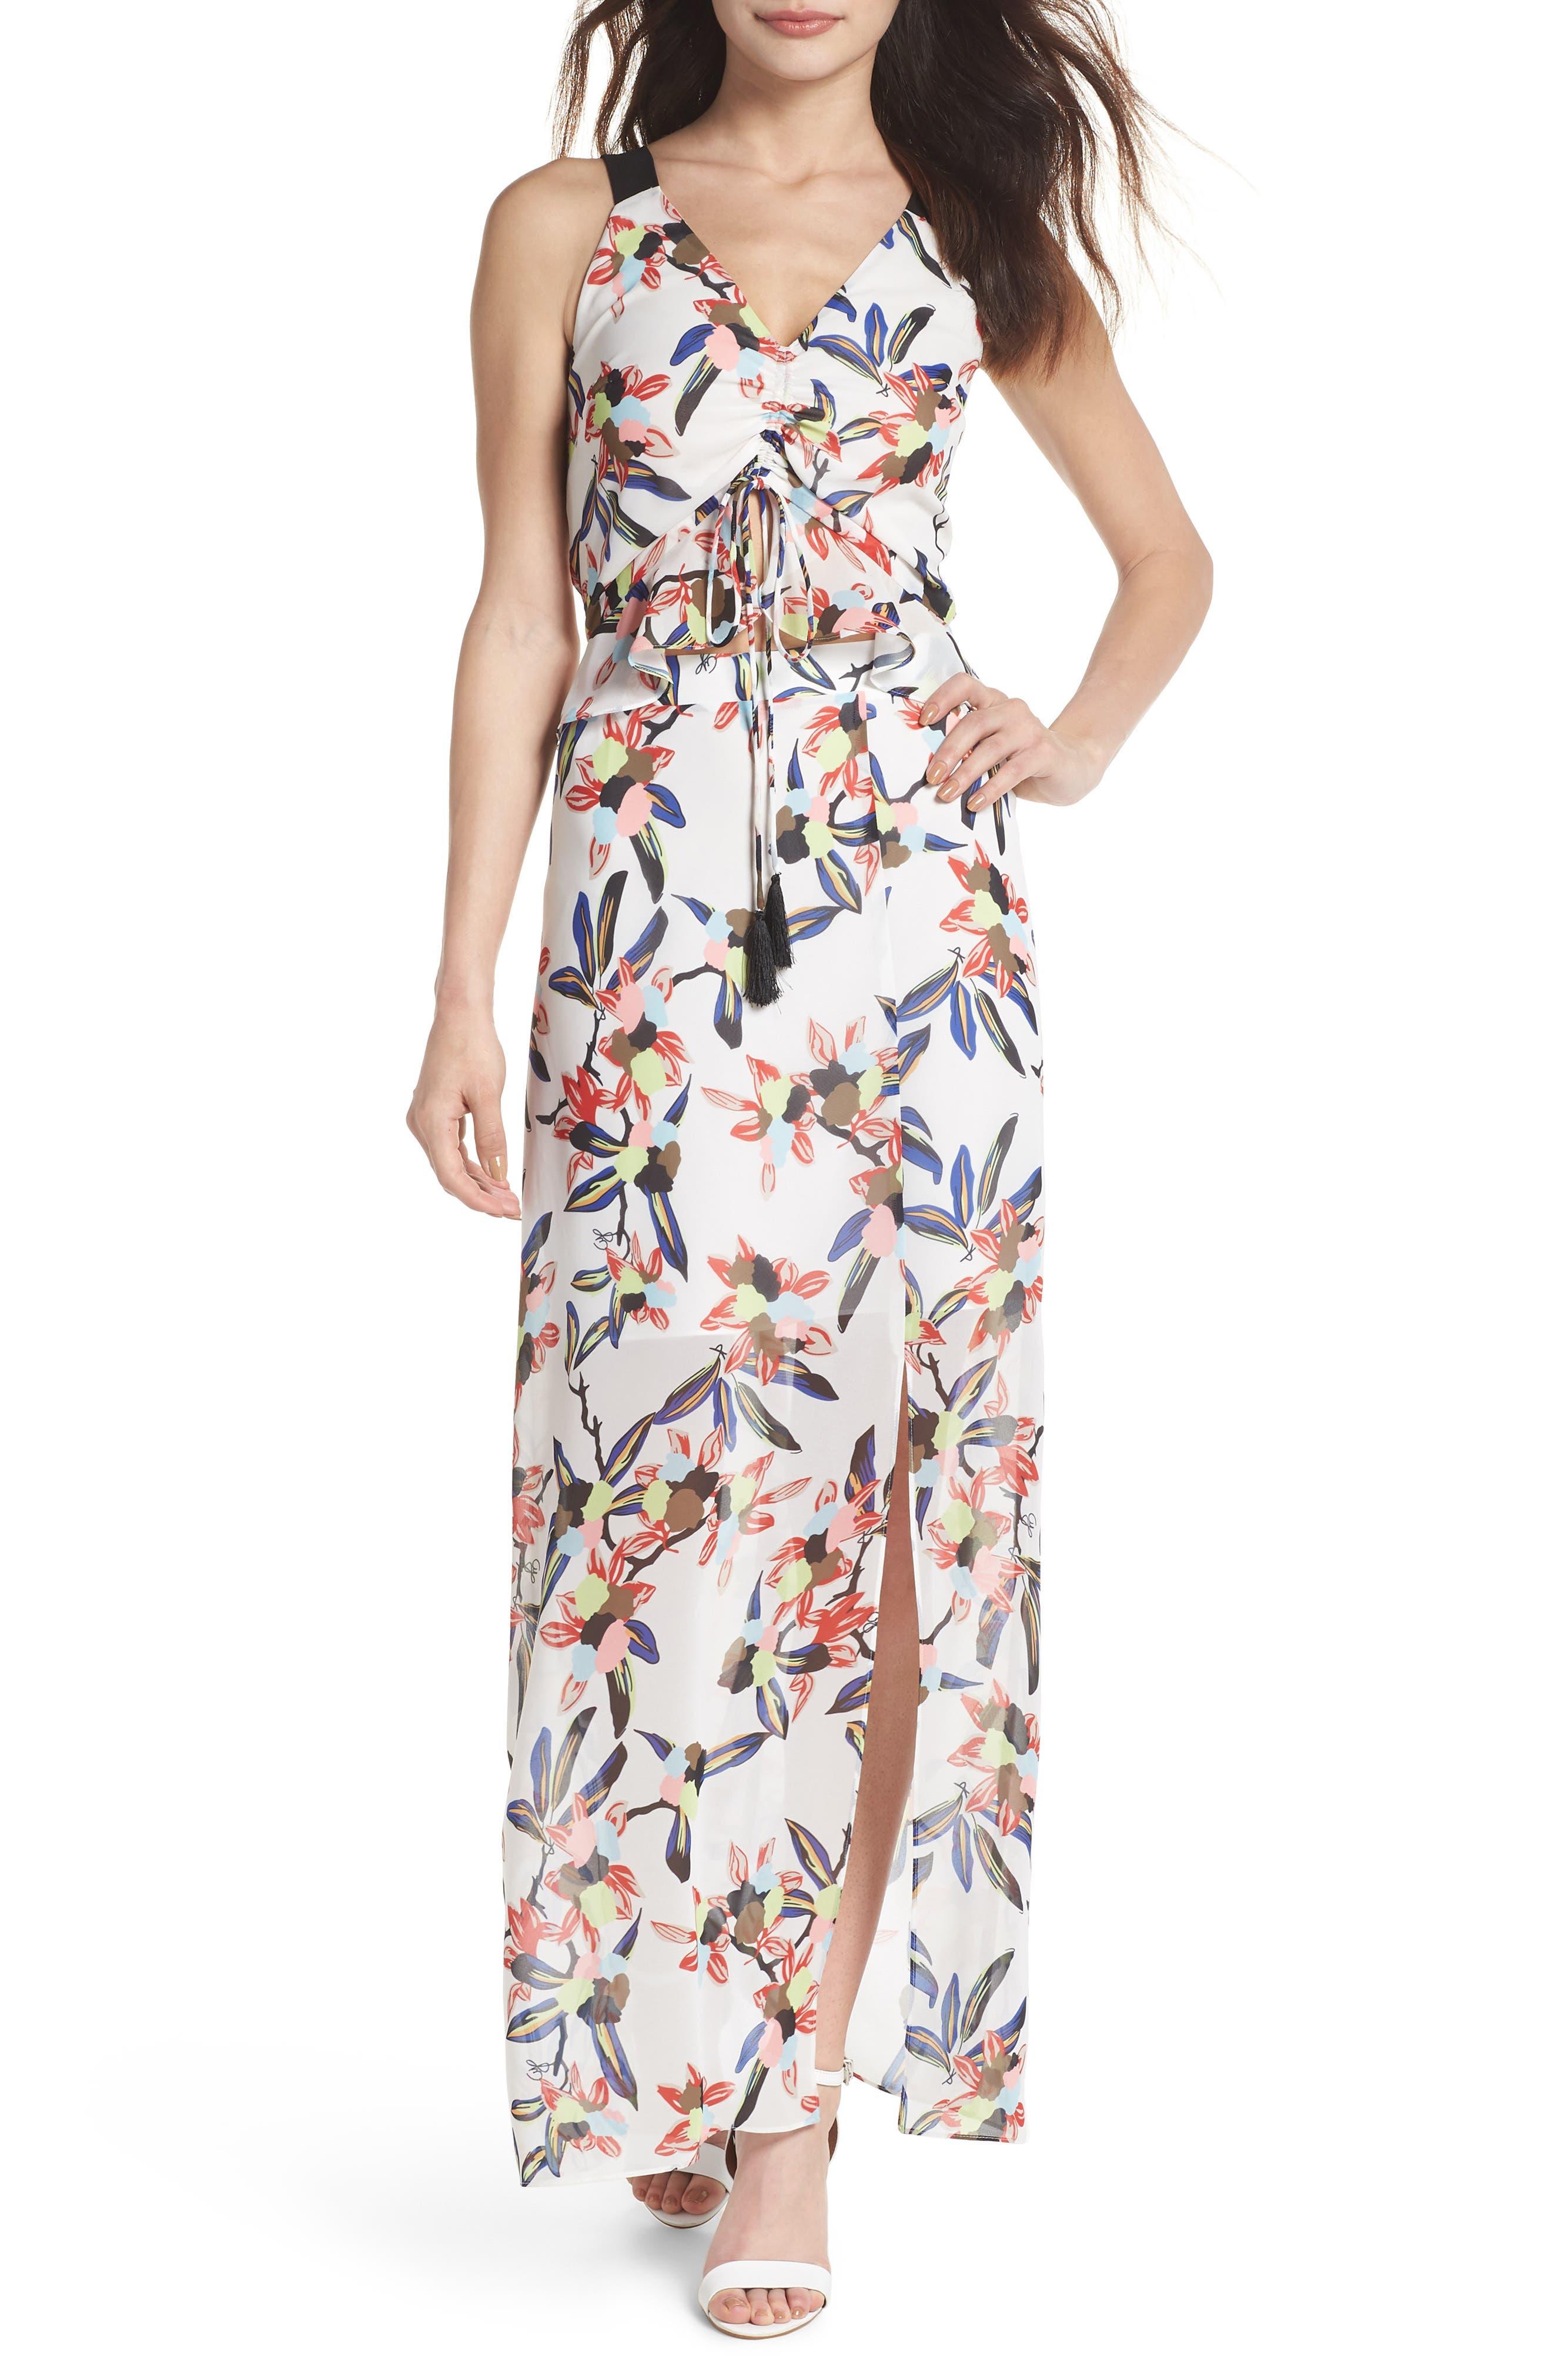 Floral Print Maxi Dress,                             Main thumbnail 1, color,                             White Multi